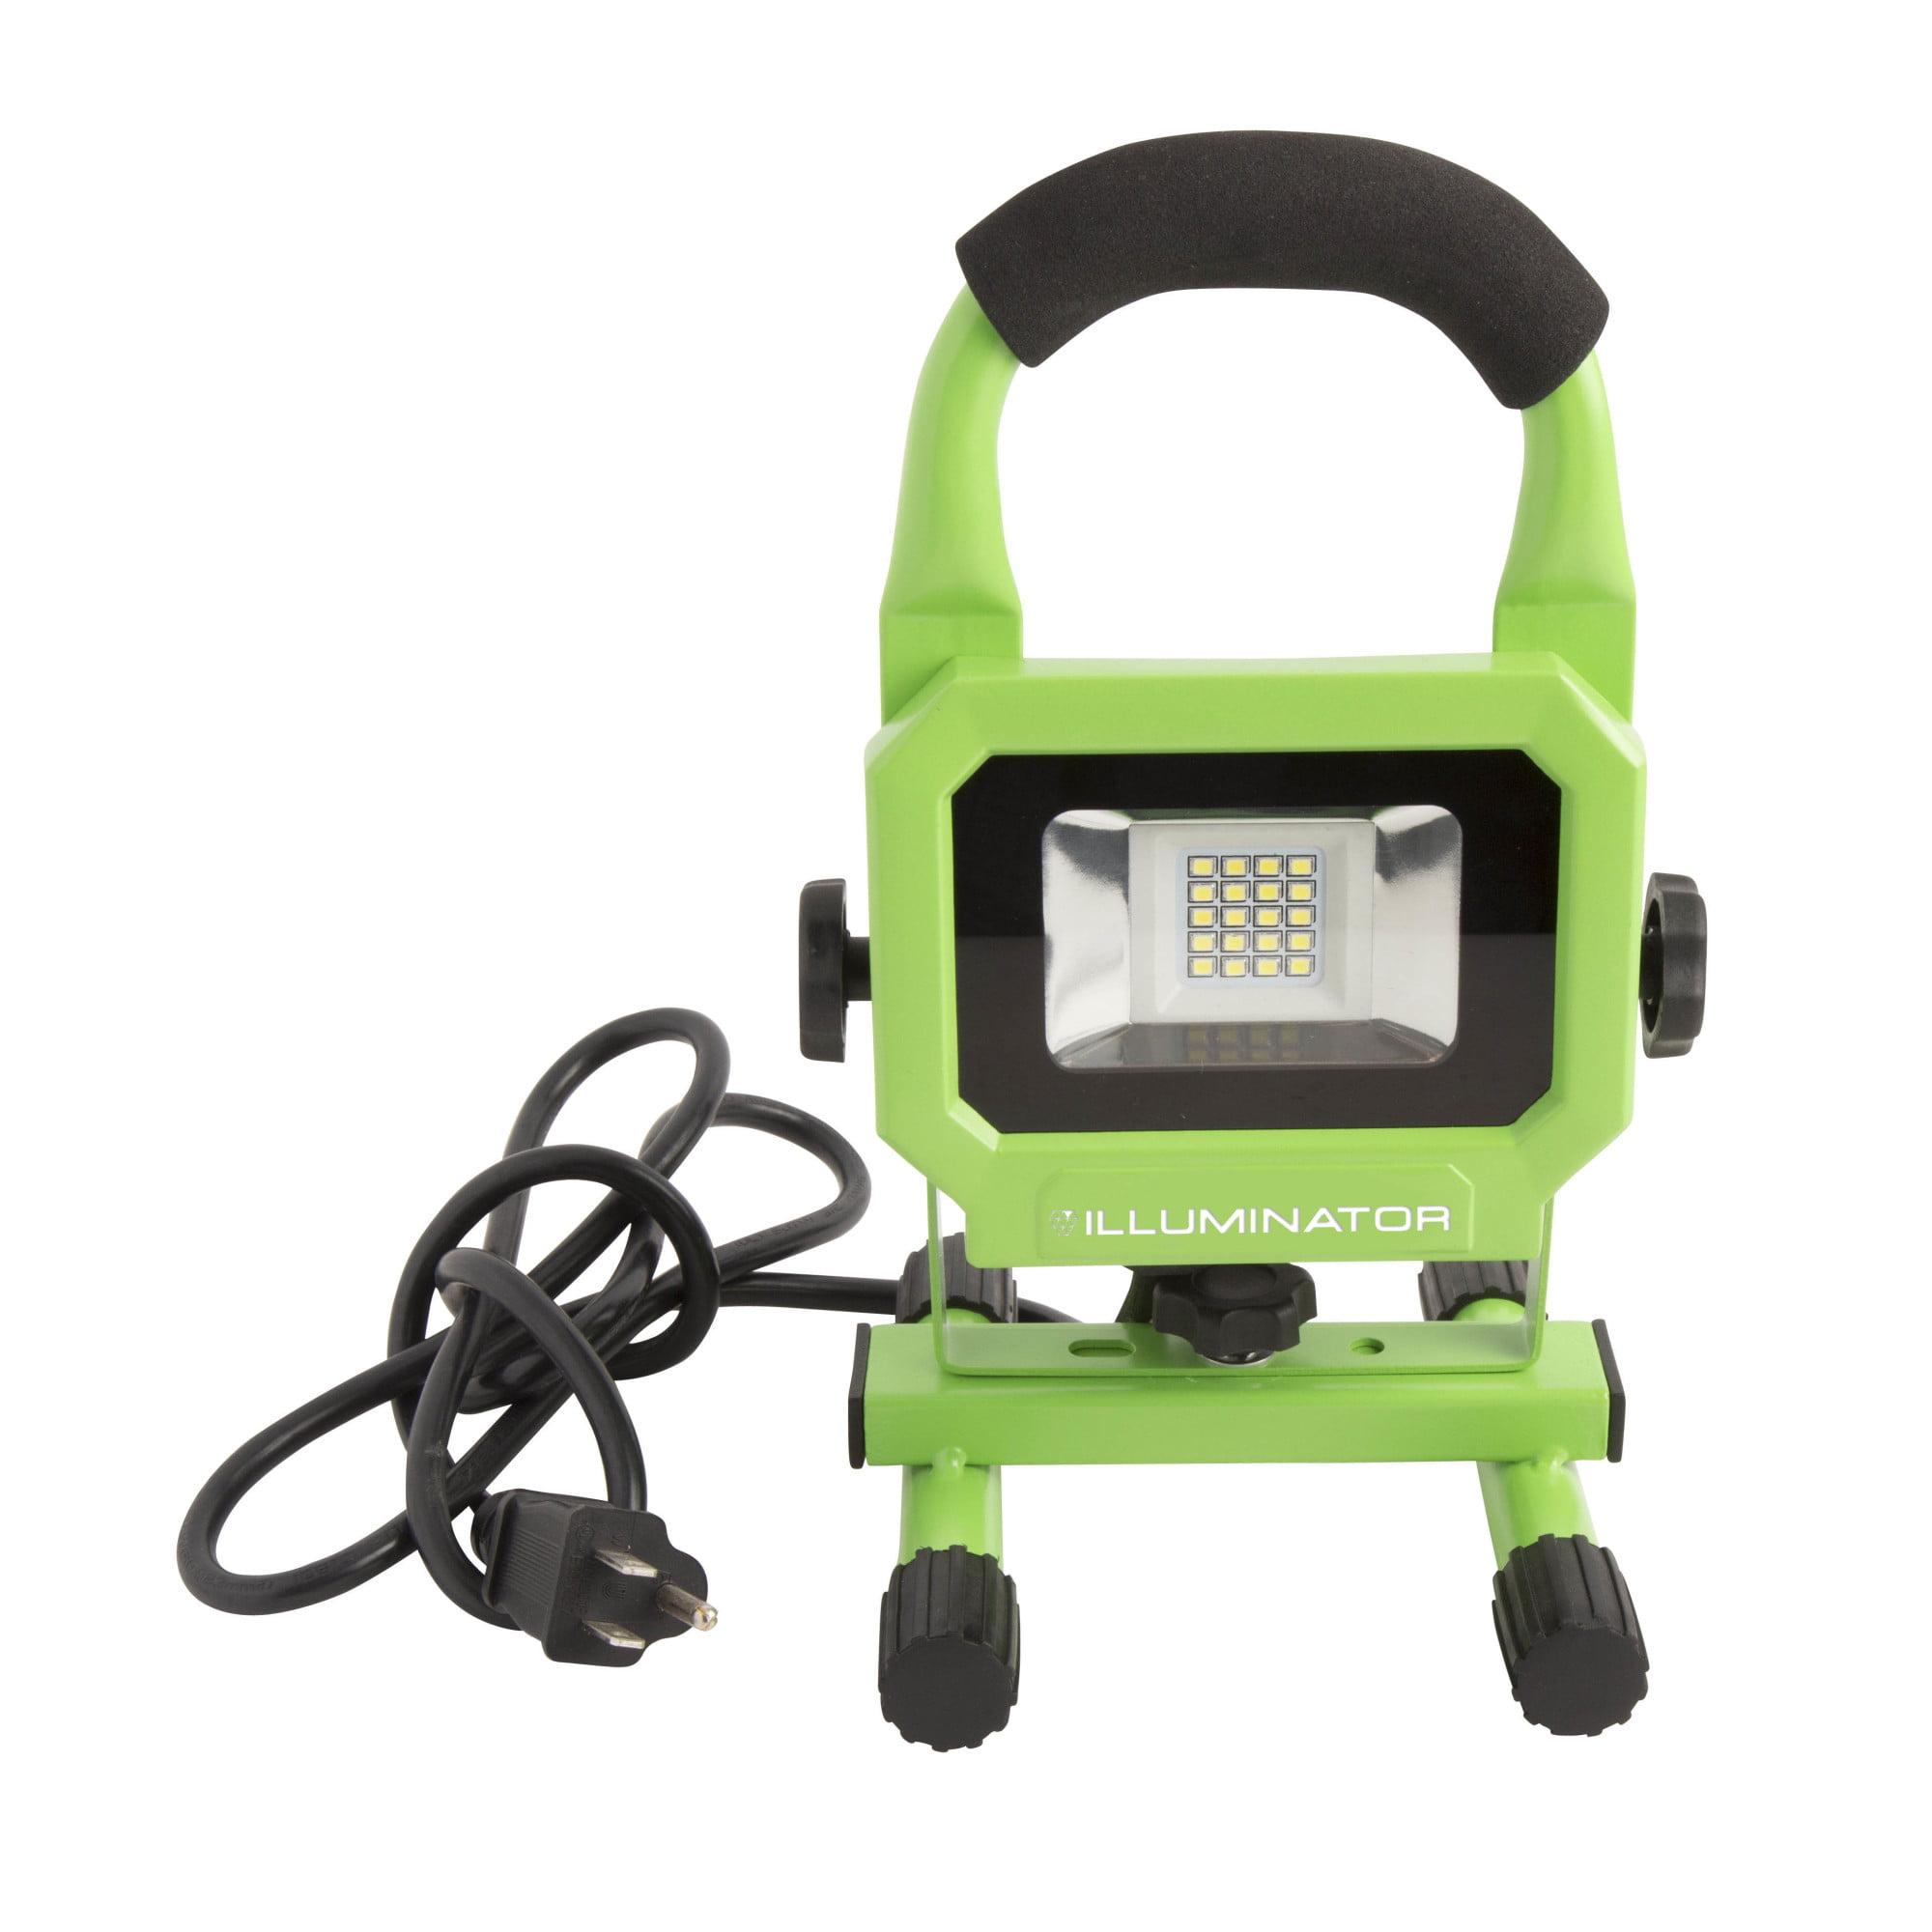 ILLUMINATOR 41915 1,000-Lumen LED Work Light